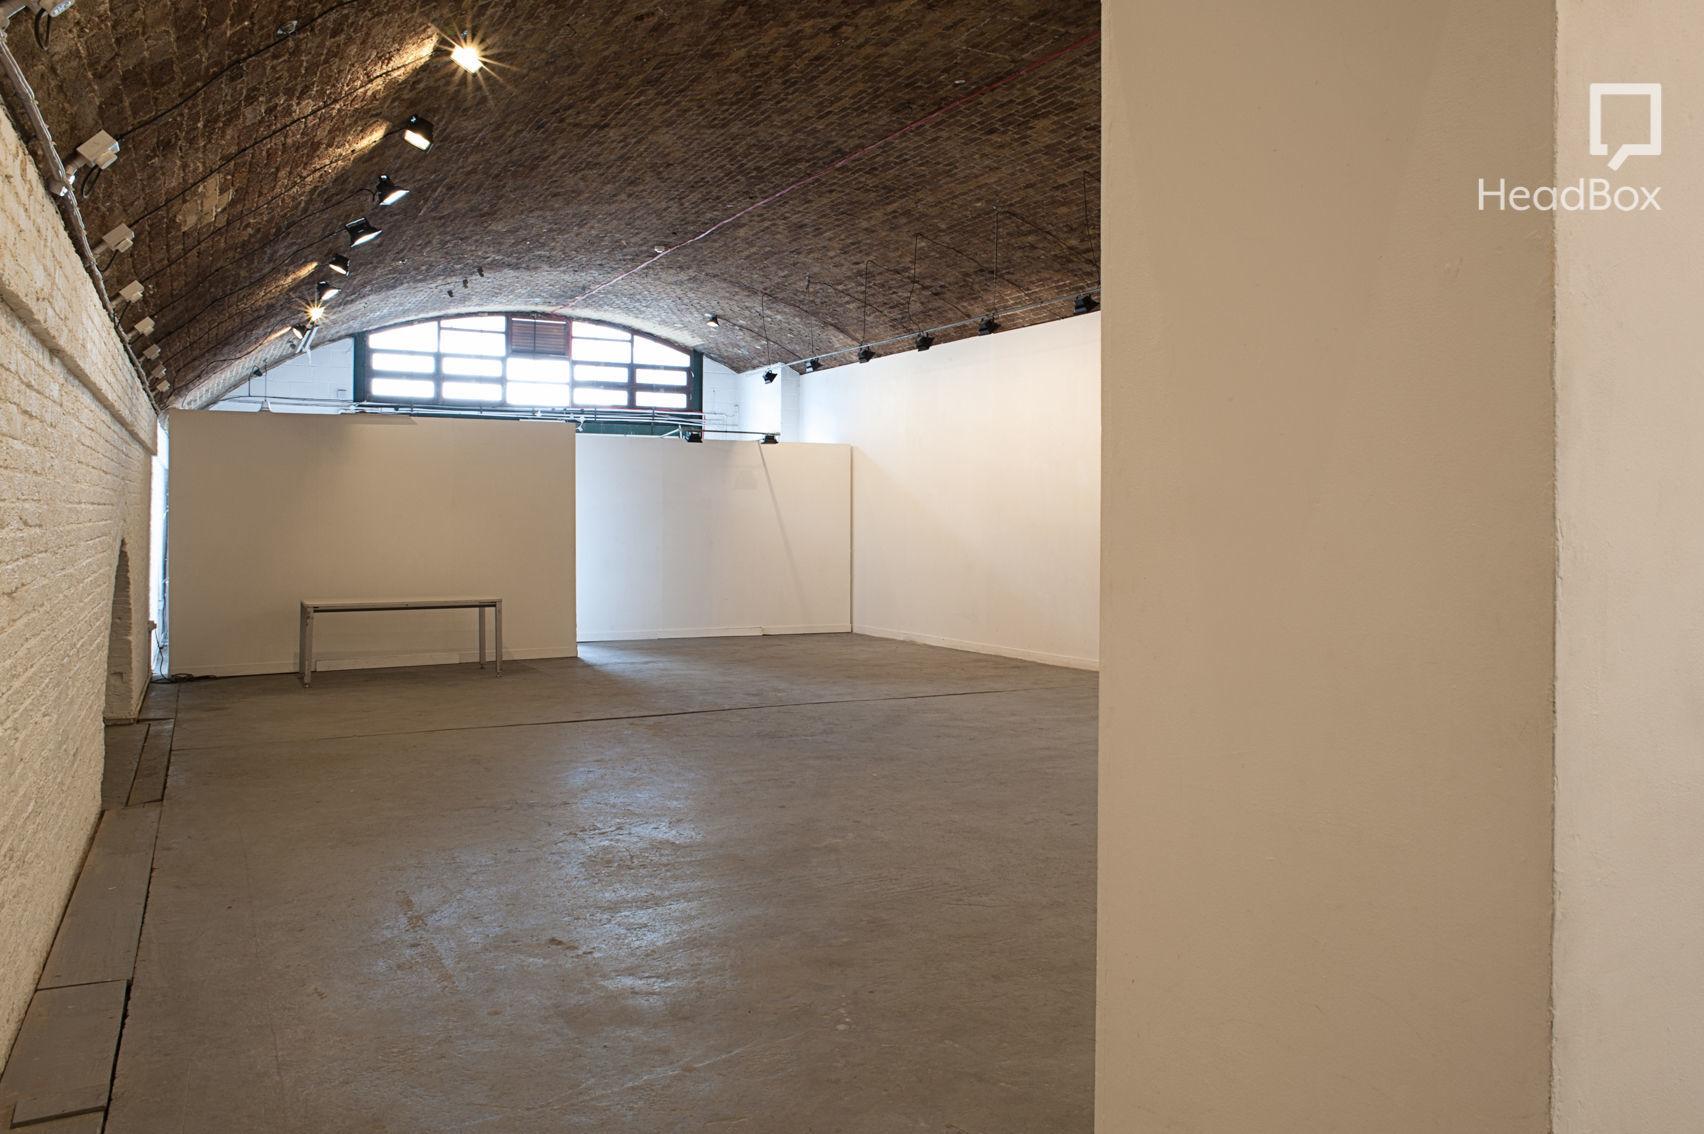 A blank canvas archway studio